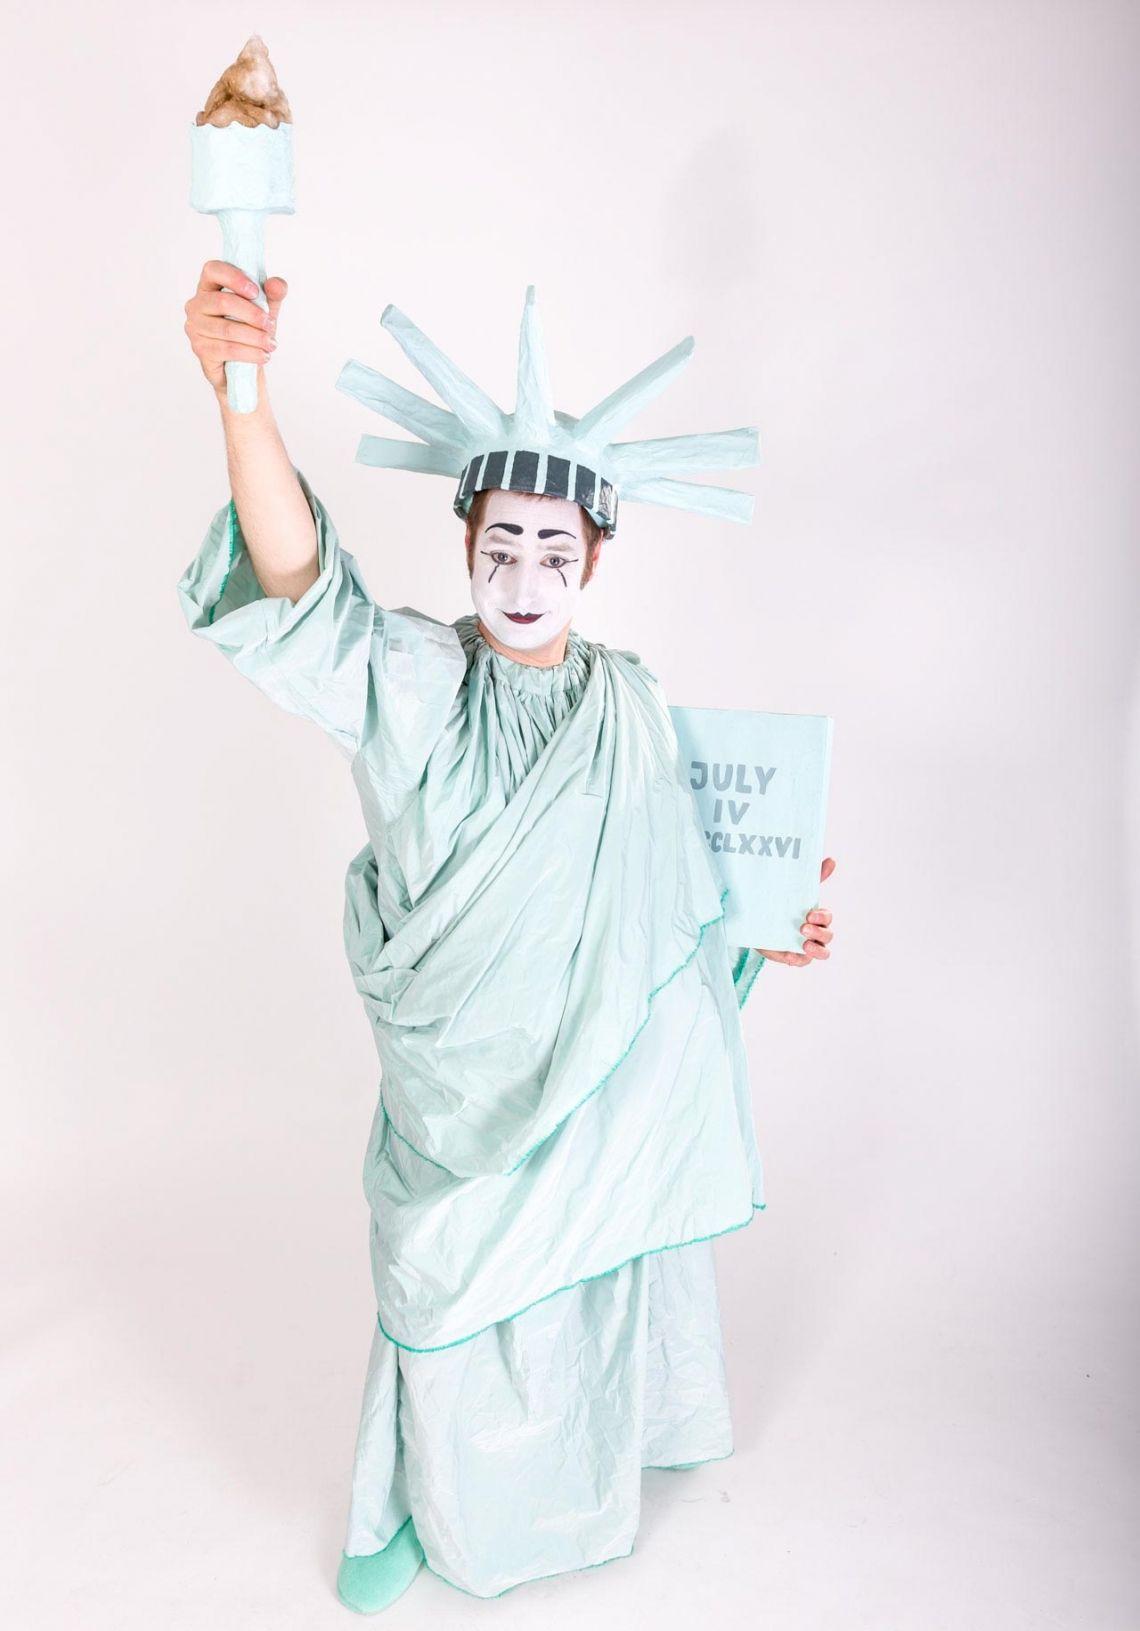 """Bastian als Freiheitsstatue Der Big Apple lässt grüßen! Pantomime Bastian schlüpft in die Figur der """"Statue of Liberty"""", die das triste Leben in New York satt hat und raus will in die große weite Welt!"""